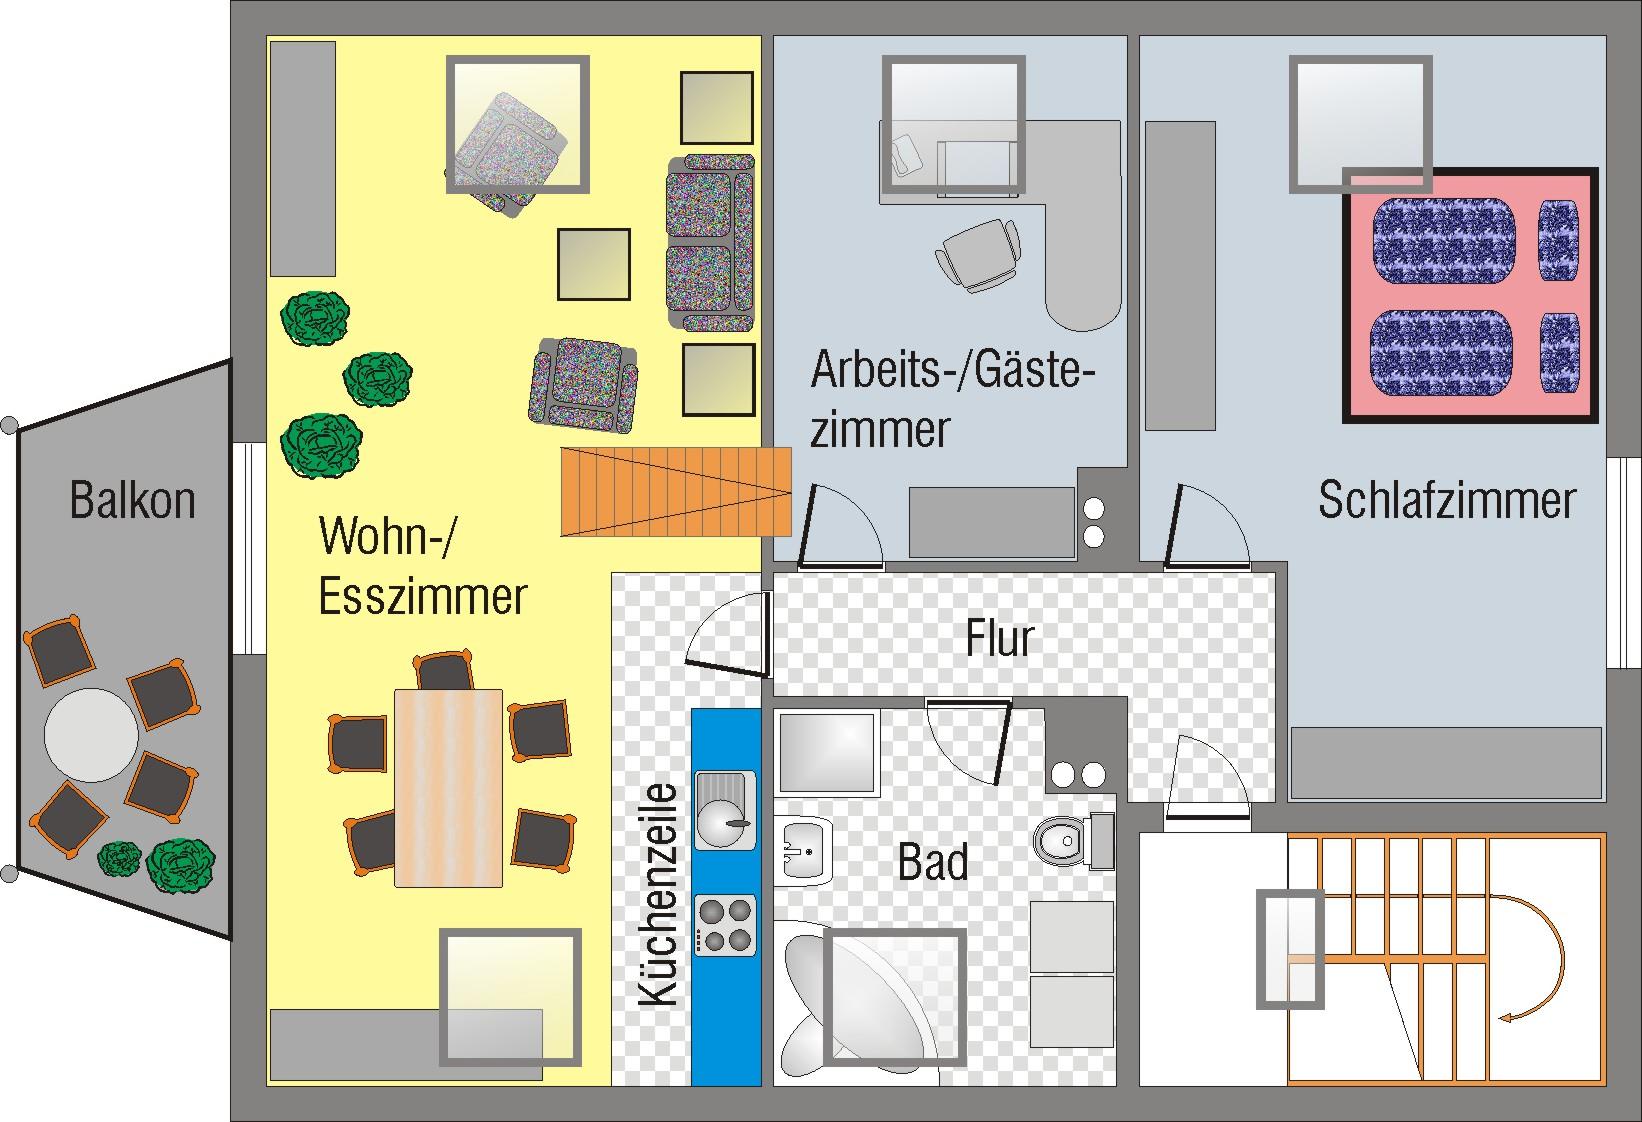 Wohnung Bilder